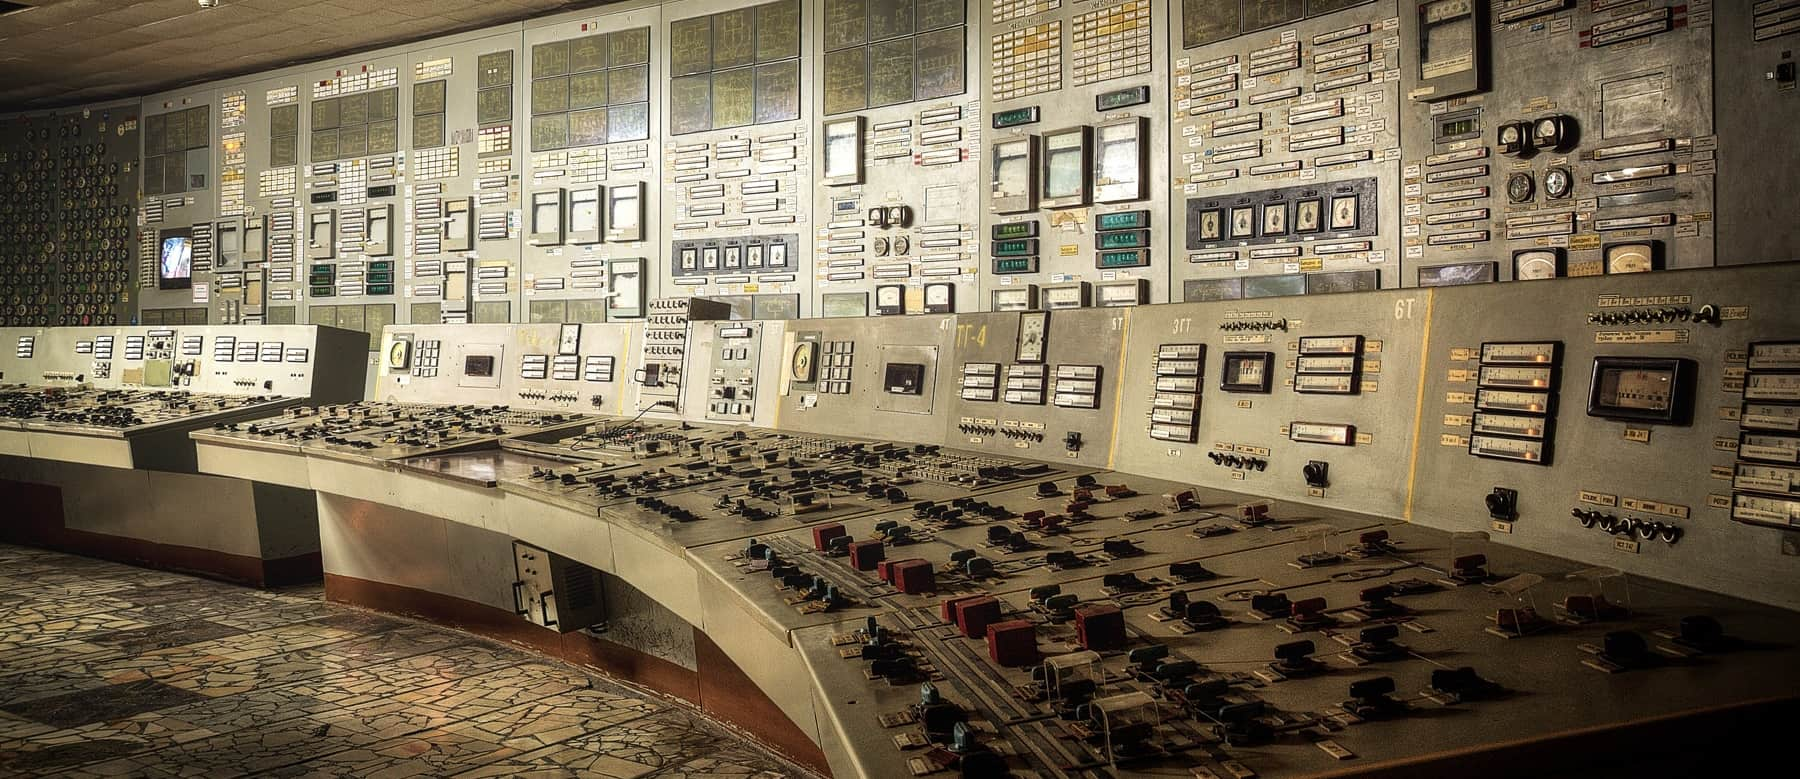 Tschernobyl Schaltraum